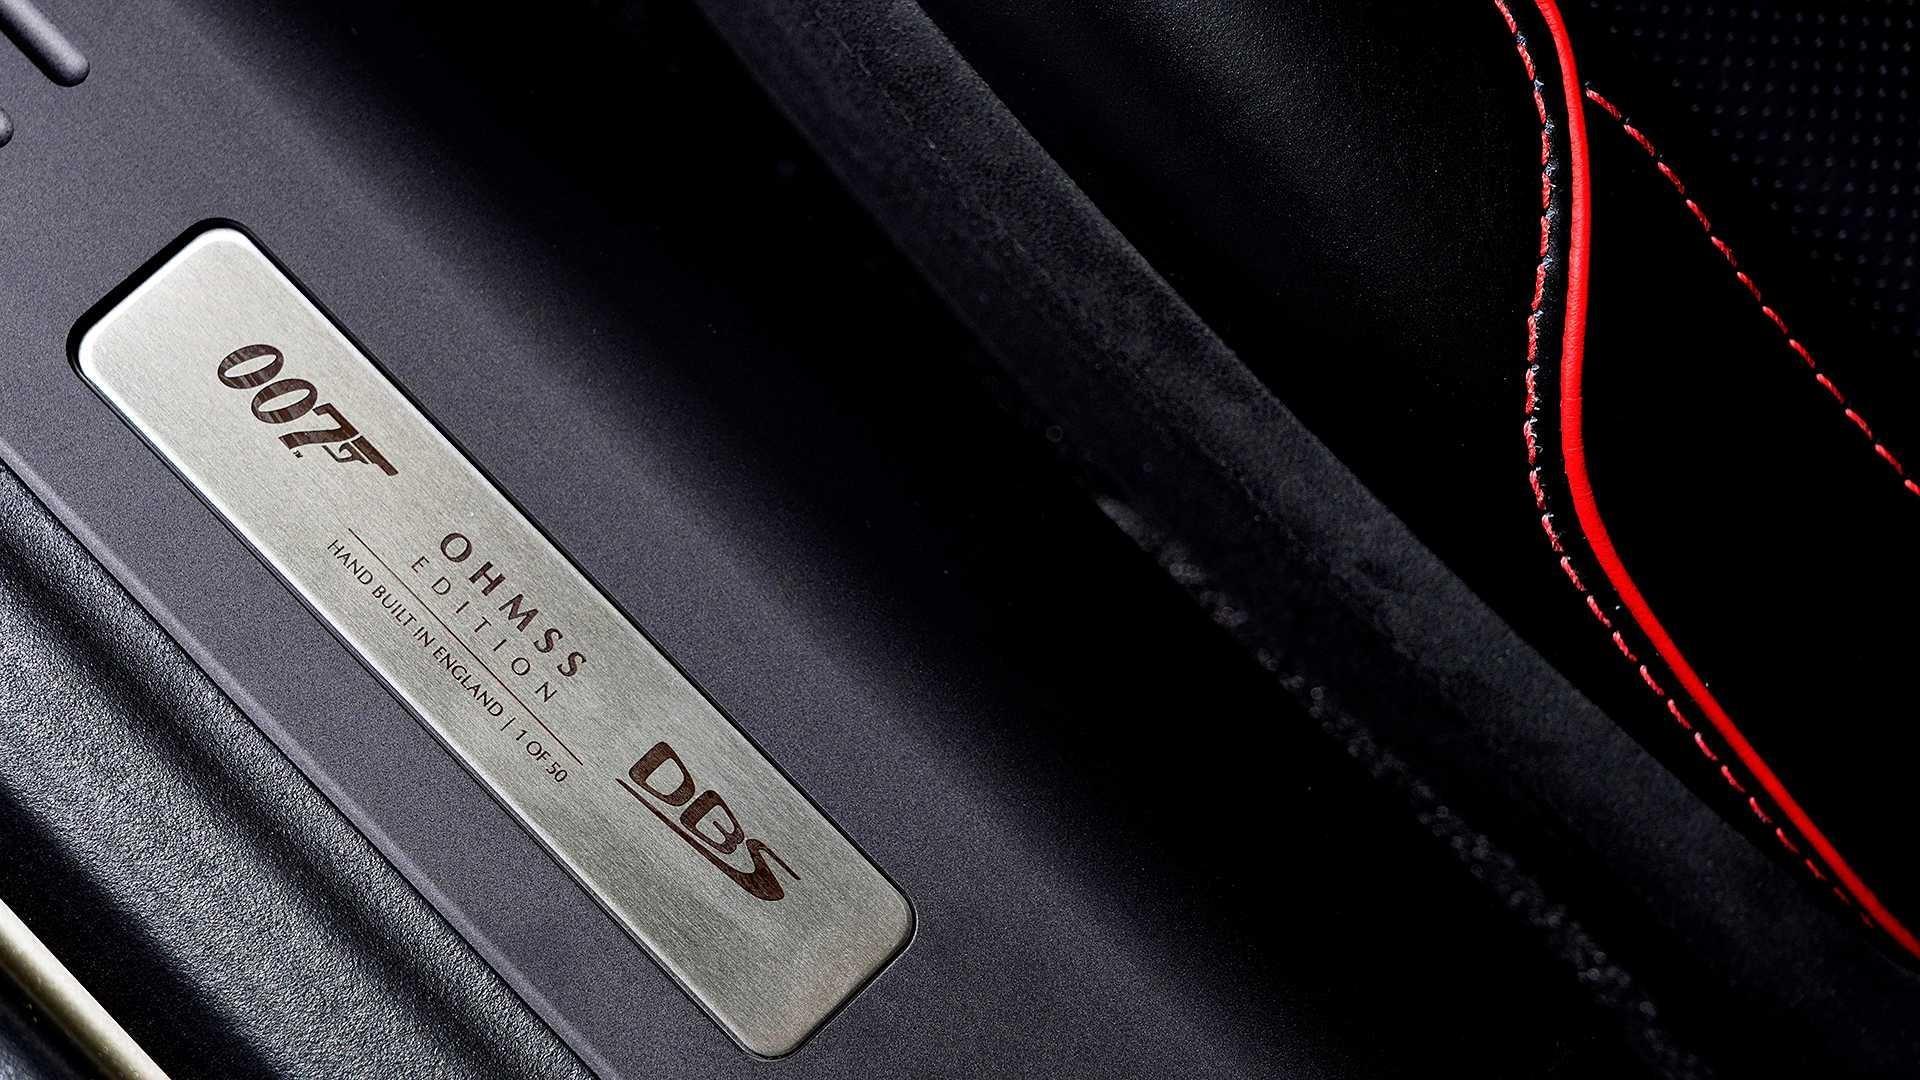 Tương tự chiếc DBS 1969, phía trong hộp đựng đồ bên ghế phụ cũng được bọc một lớp nỉ màu đỏ, tuy nhiên điểm khác biệt là khu vực này không chứa khẩu súng trường như trong phim. Ngoài ra, ở cốp xe còn có thêm một hộp đựng đồ uống đặc biệt, đủ chứa 2 chai champagne.